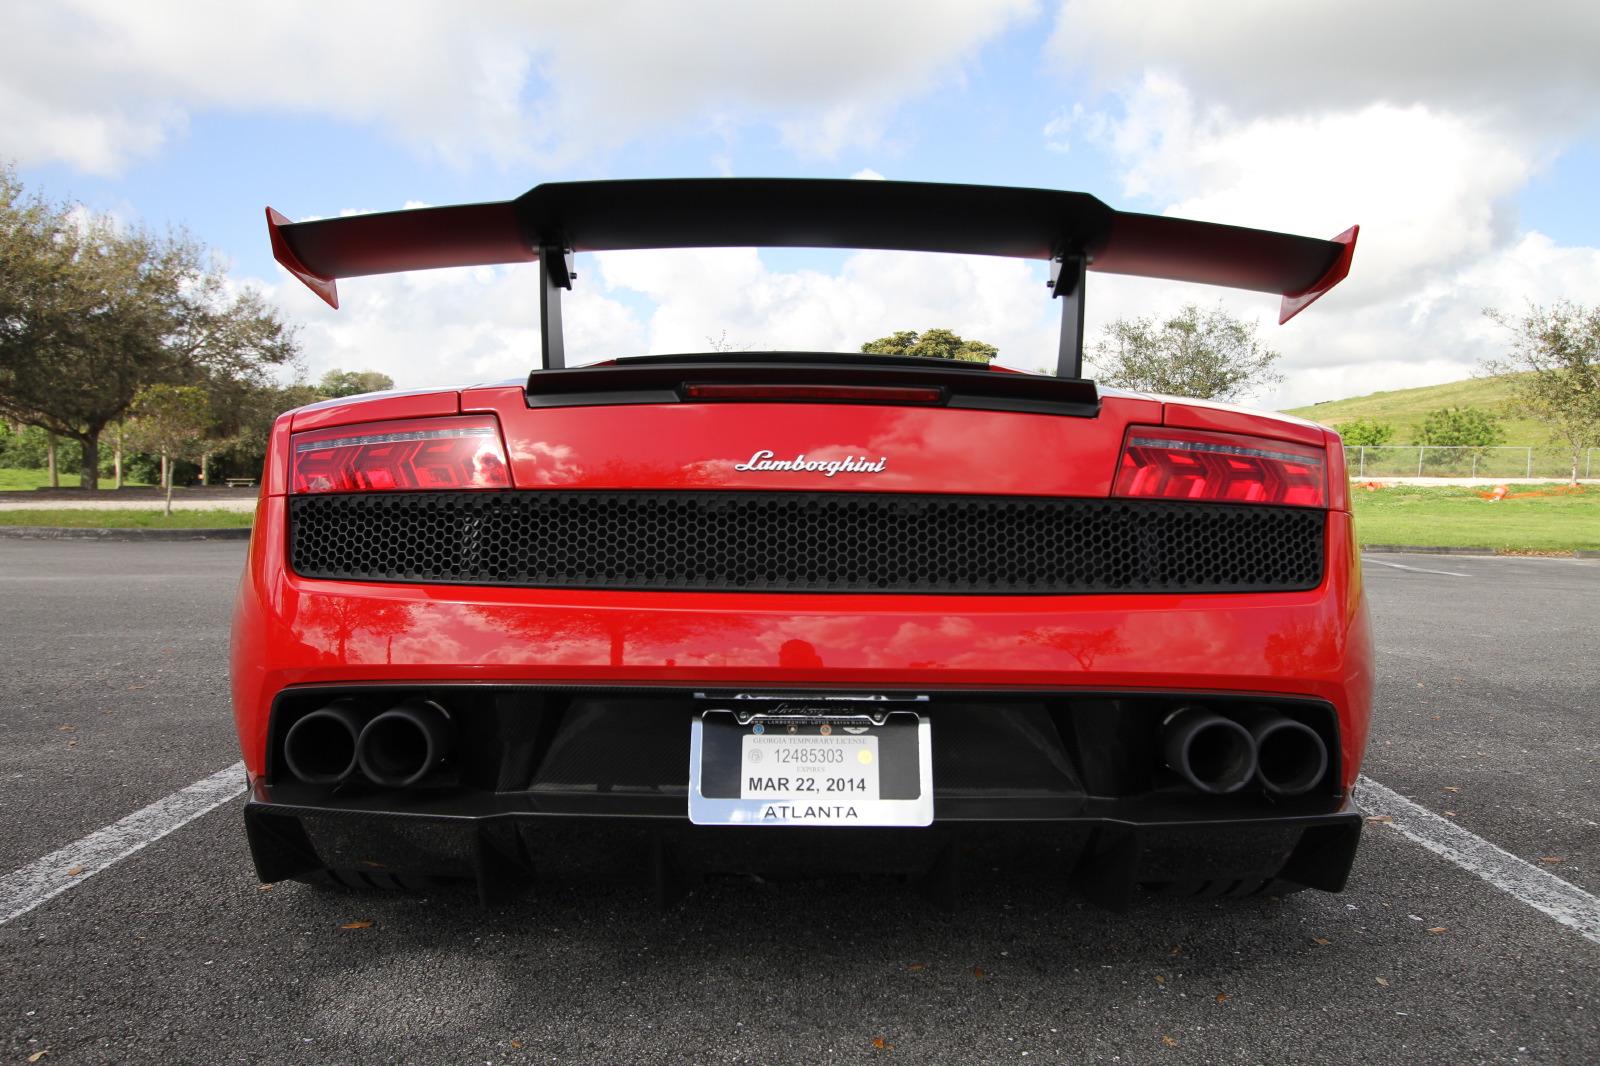 2012-lamborghini-lp570-4-super-trofeo-stradale-rosso-mars-012